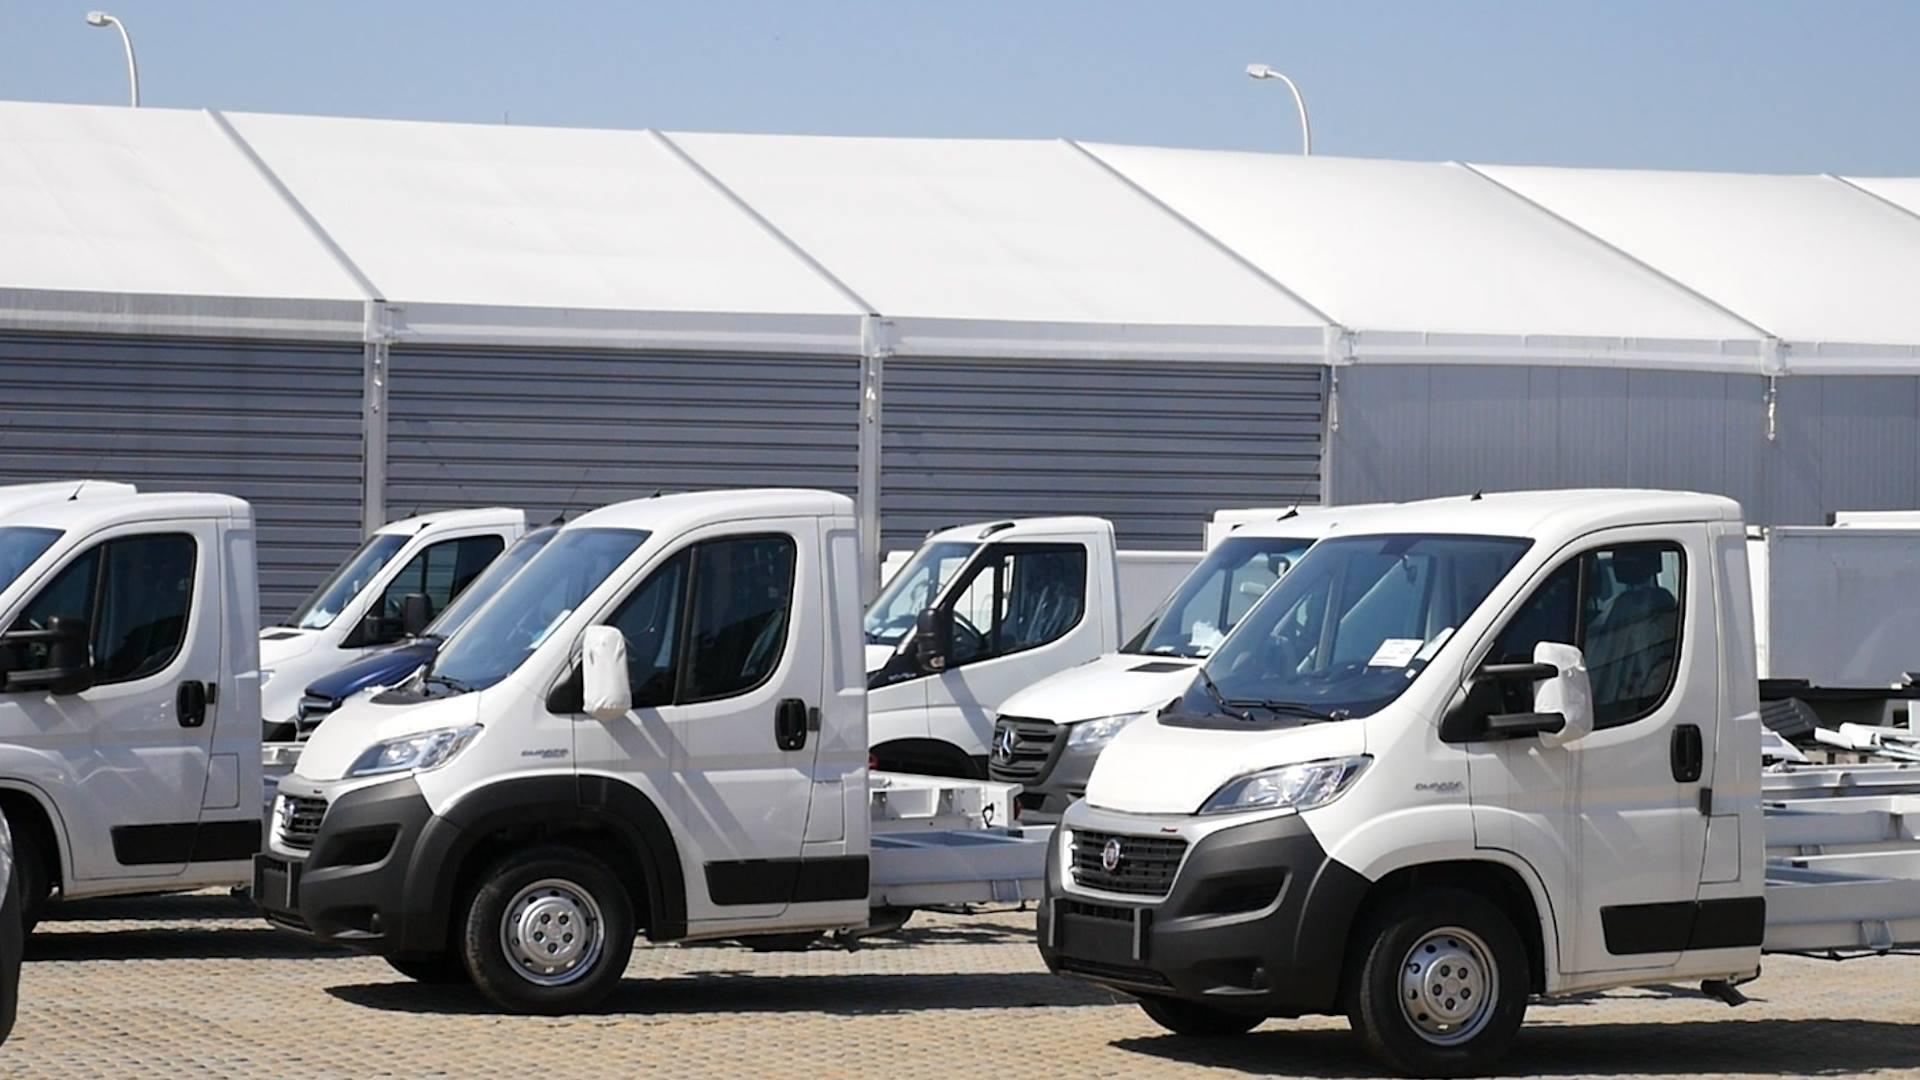 Jak powstaje zabudowa do samochodów dostawczych? Byliśmy w firmie, która przygotowuje takie konstrukcje